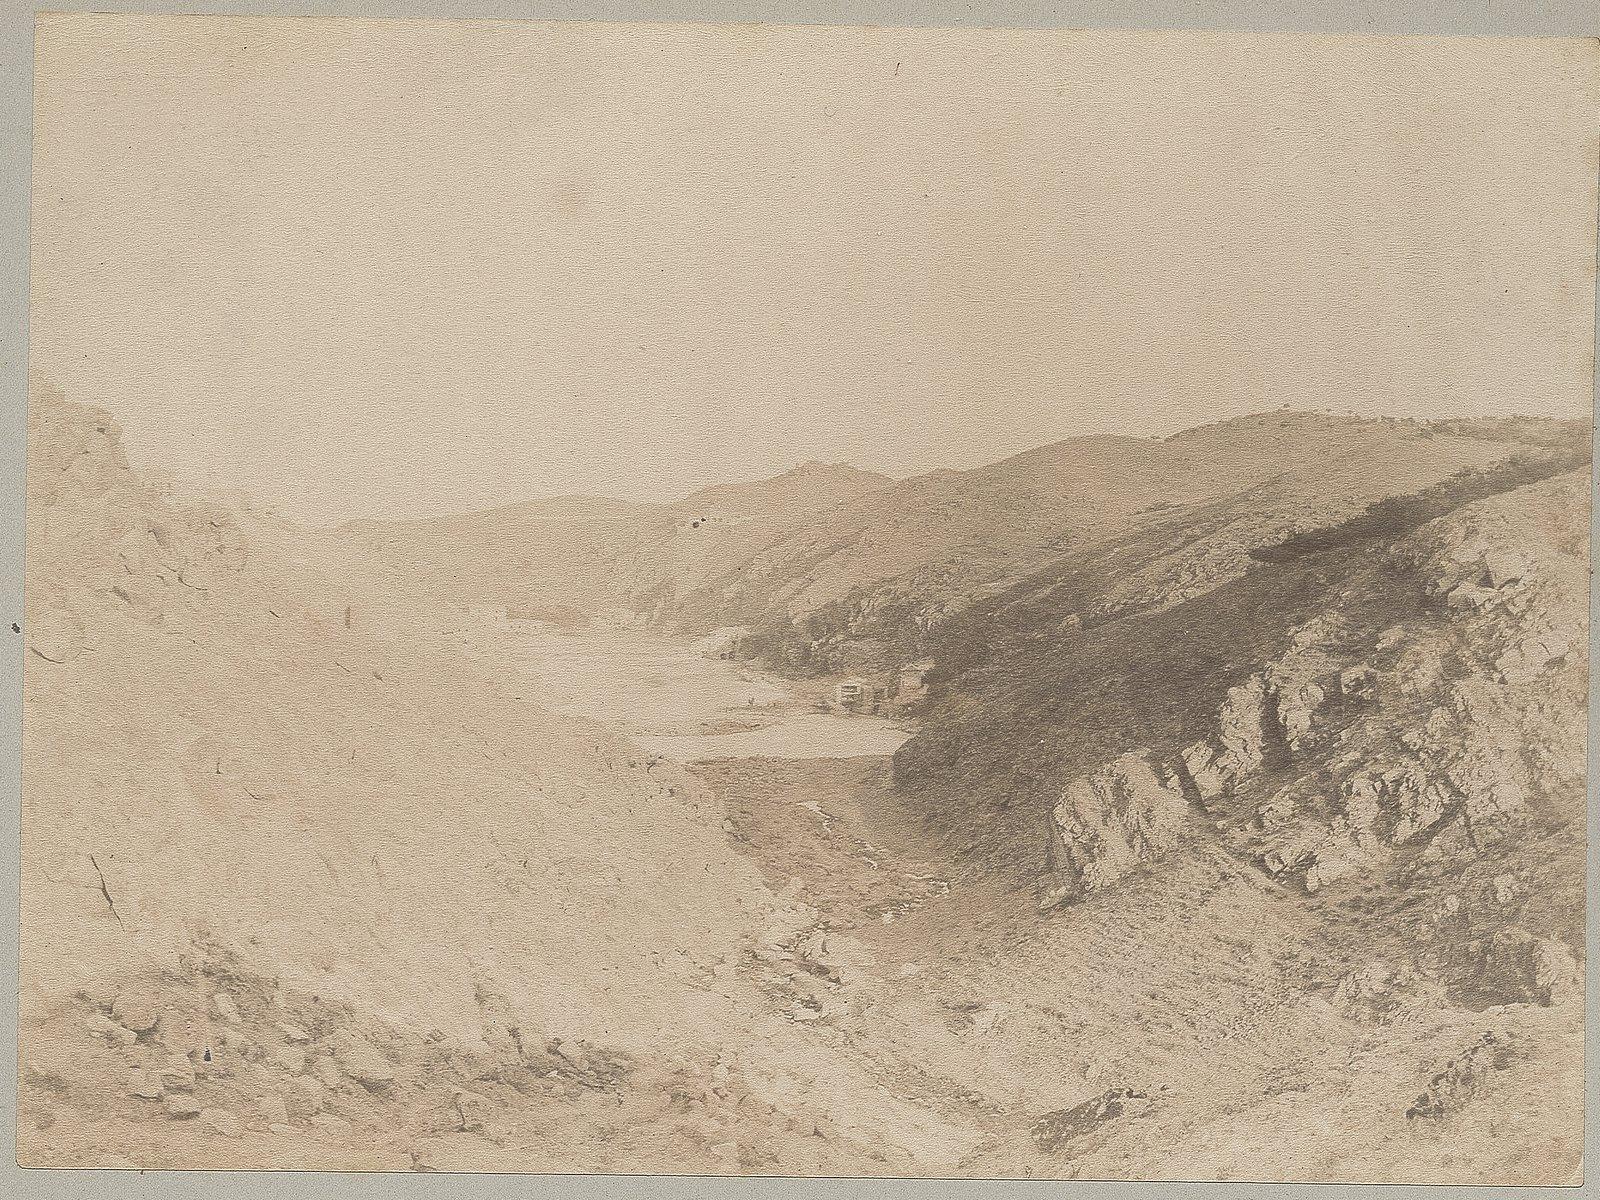 Vaguada de Valdecolomba y Arroyo de la Cabeza en el Valle en 1886 © Archives départementales de l'Aude